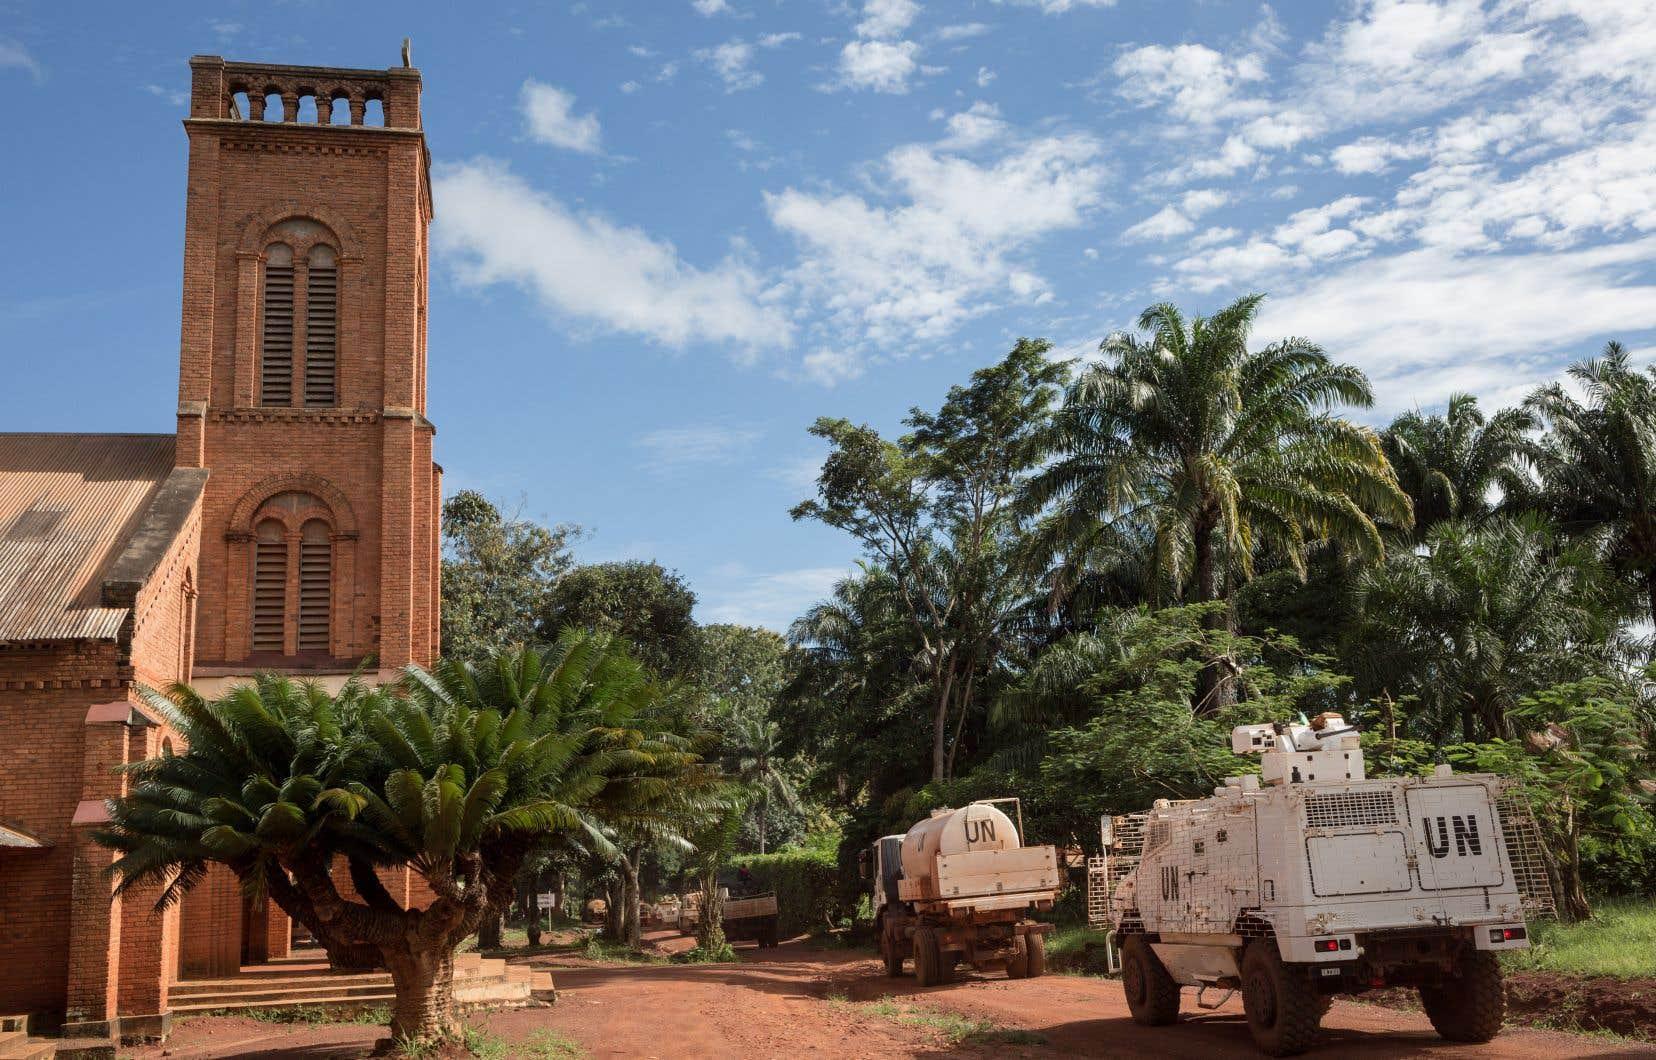 Des groupes armés ont attaqué à l'aube la ville de Bangassou et ont pris son contrôle après plusieurs heures de combats.